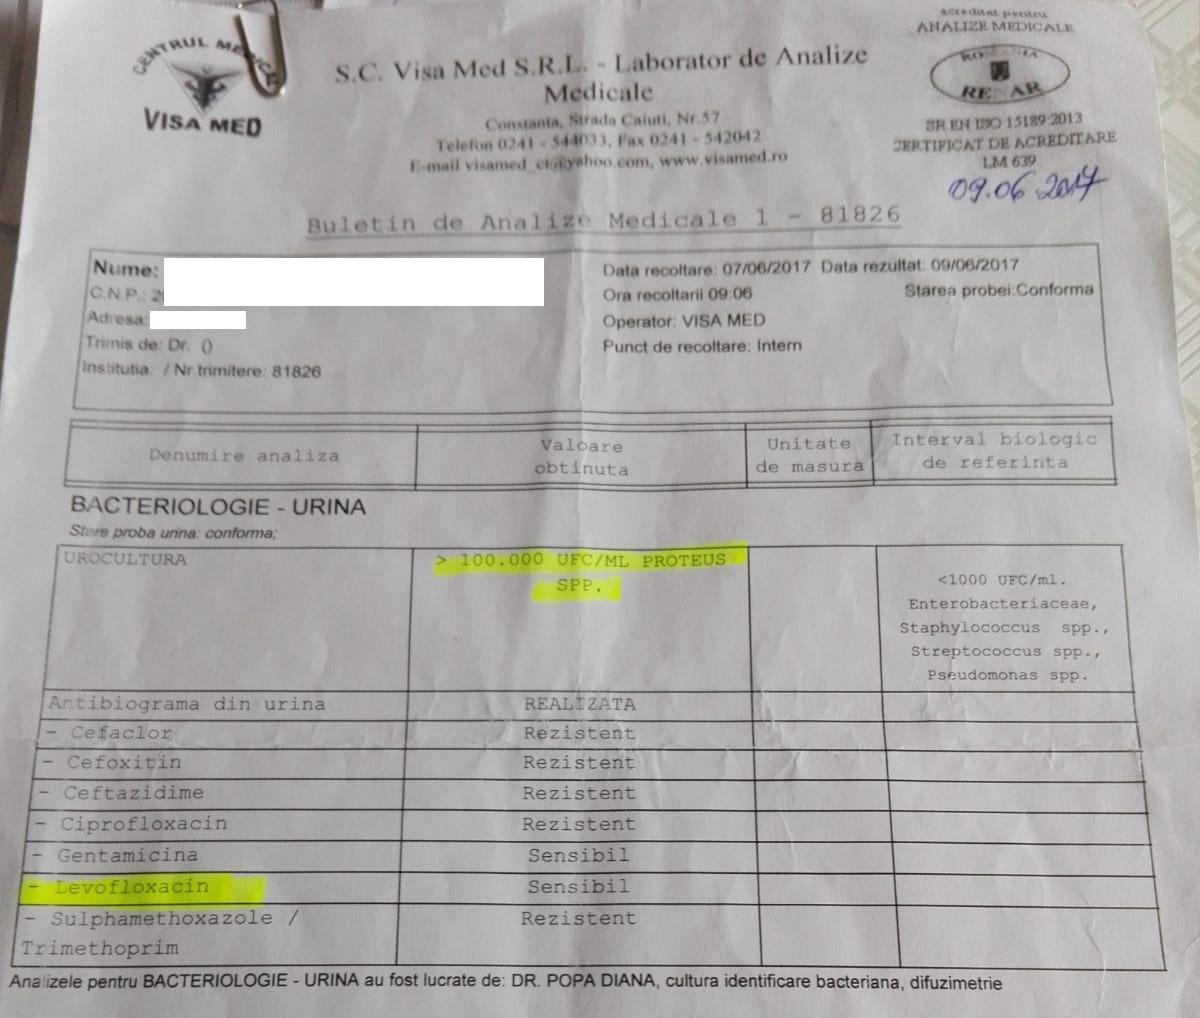 Infecția cu Proteus, scoasă în evidență pe antibiograma eliberată de centrul medical Visa Med